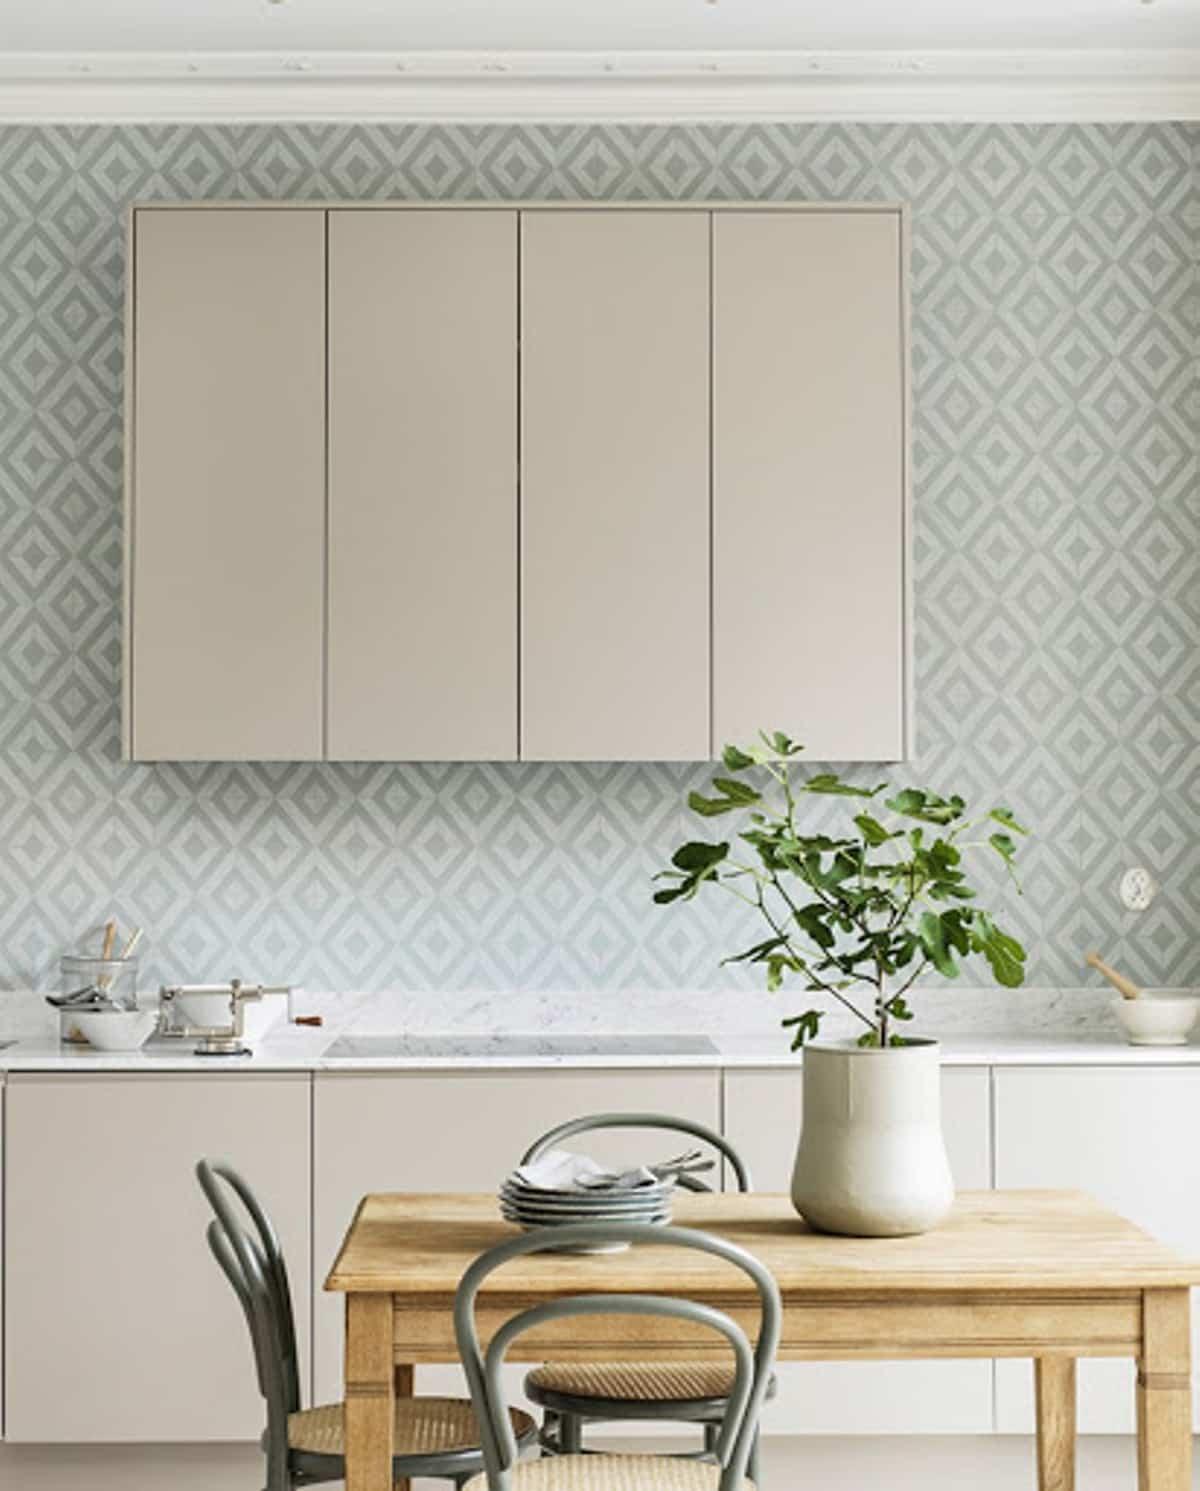 ideas para renovar las paredes de la cocina sin obras 13